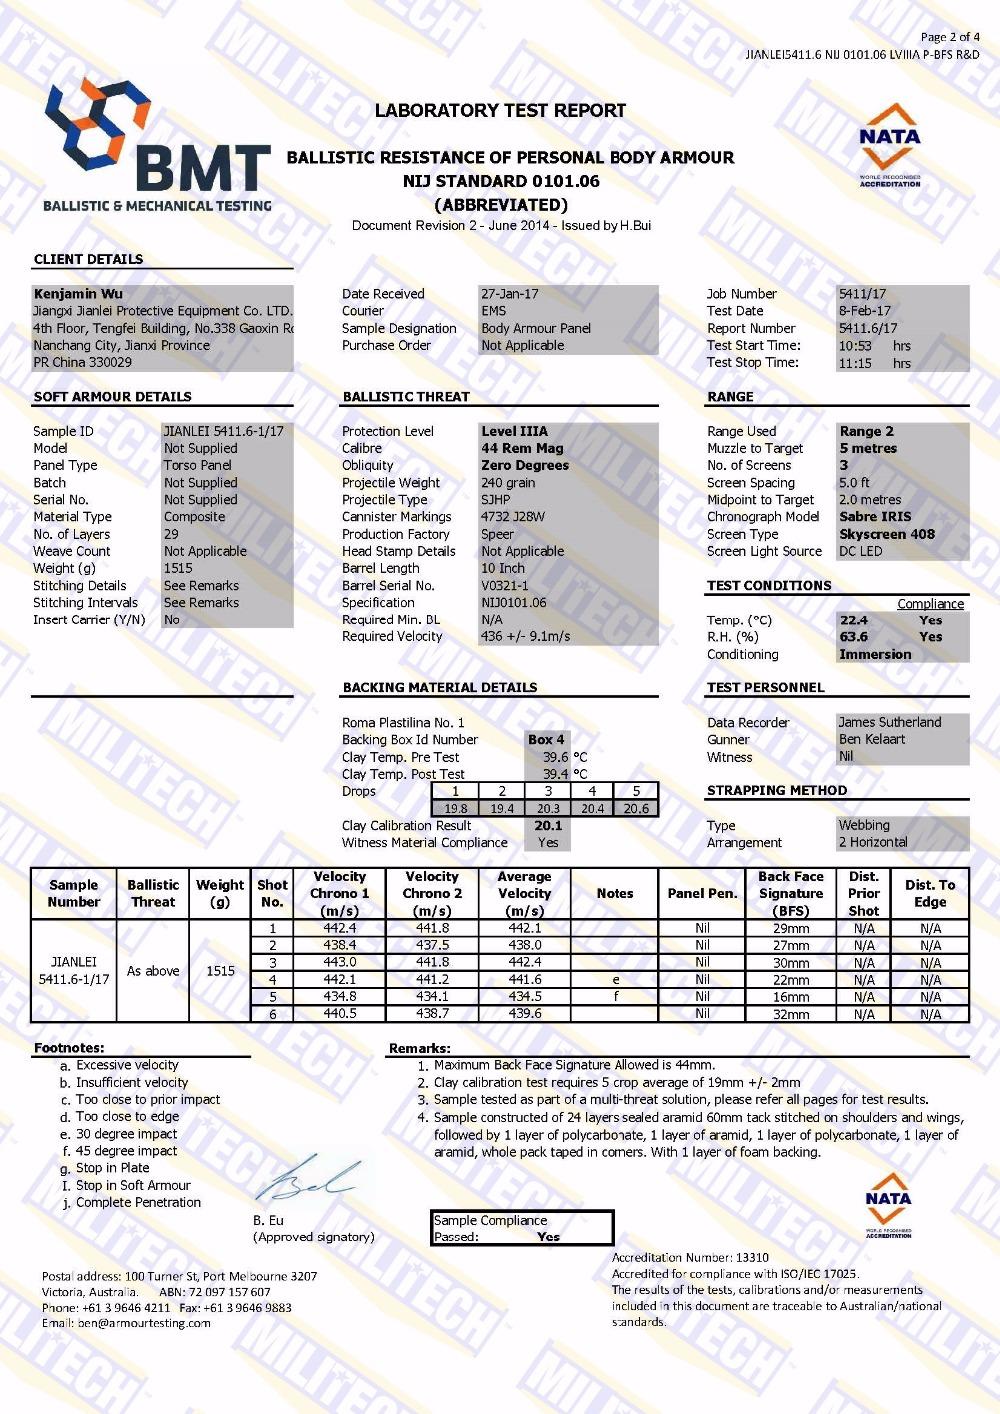 JIANLEI5411.6 NIJ 0101.06 LVIIIA P-BFS R&D_Page_2